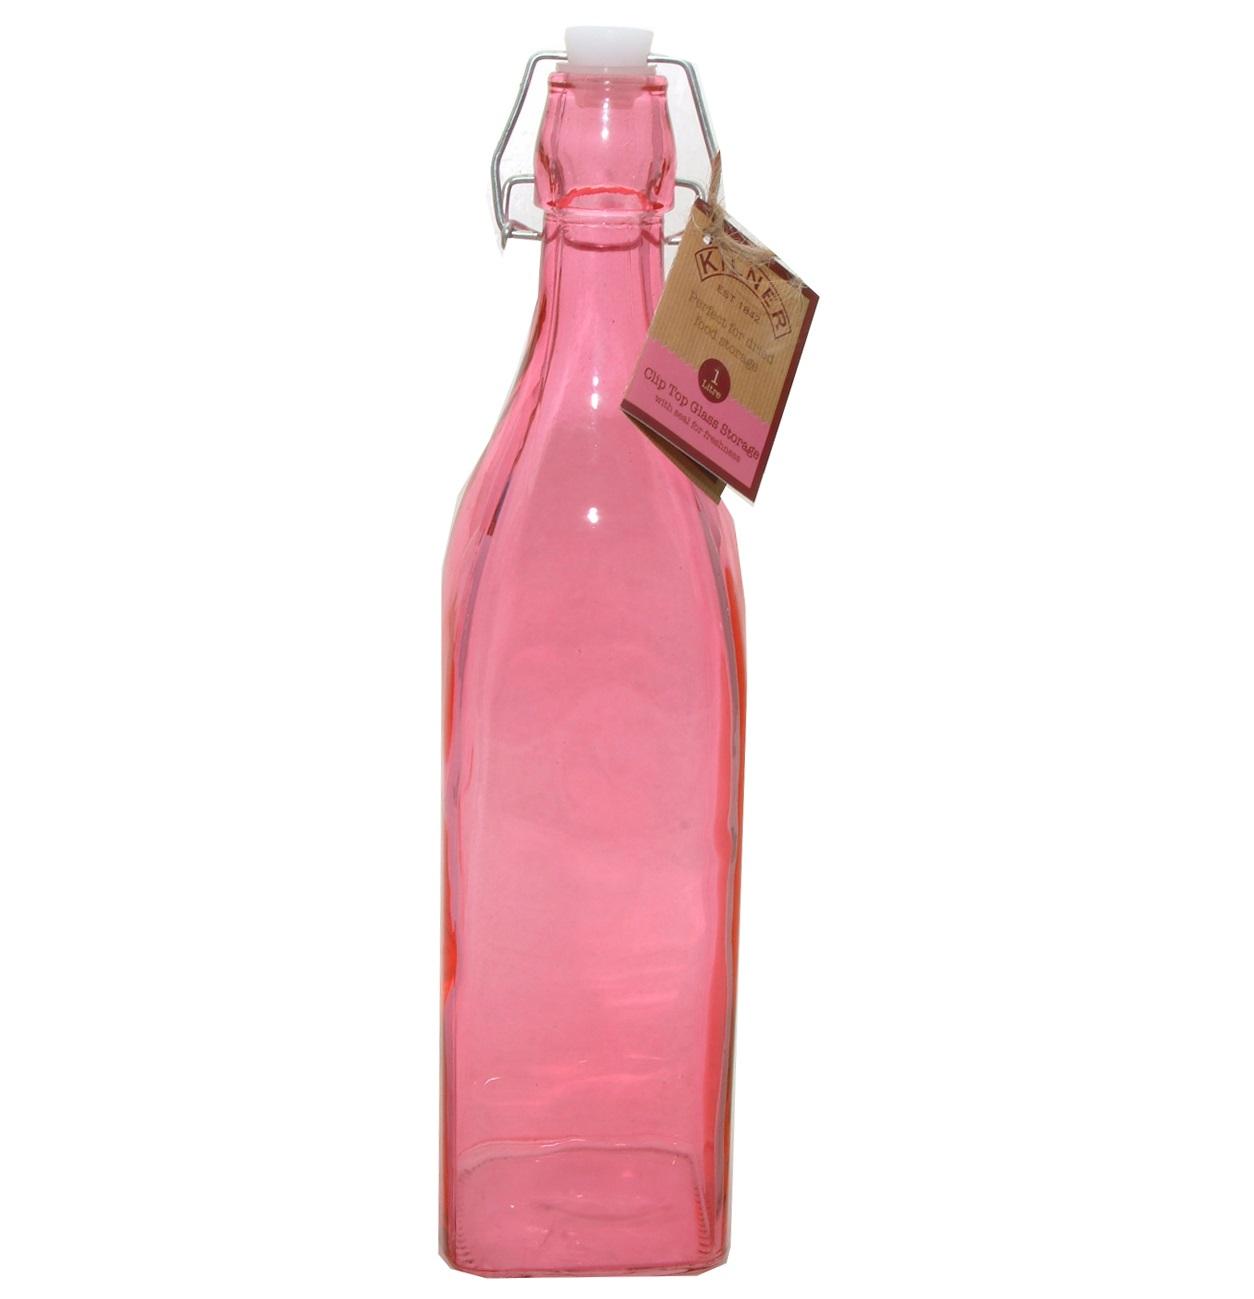 Bygel Flaska PIN1 KILNER